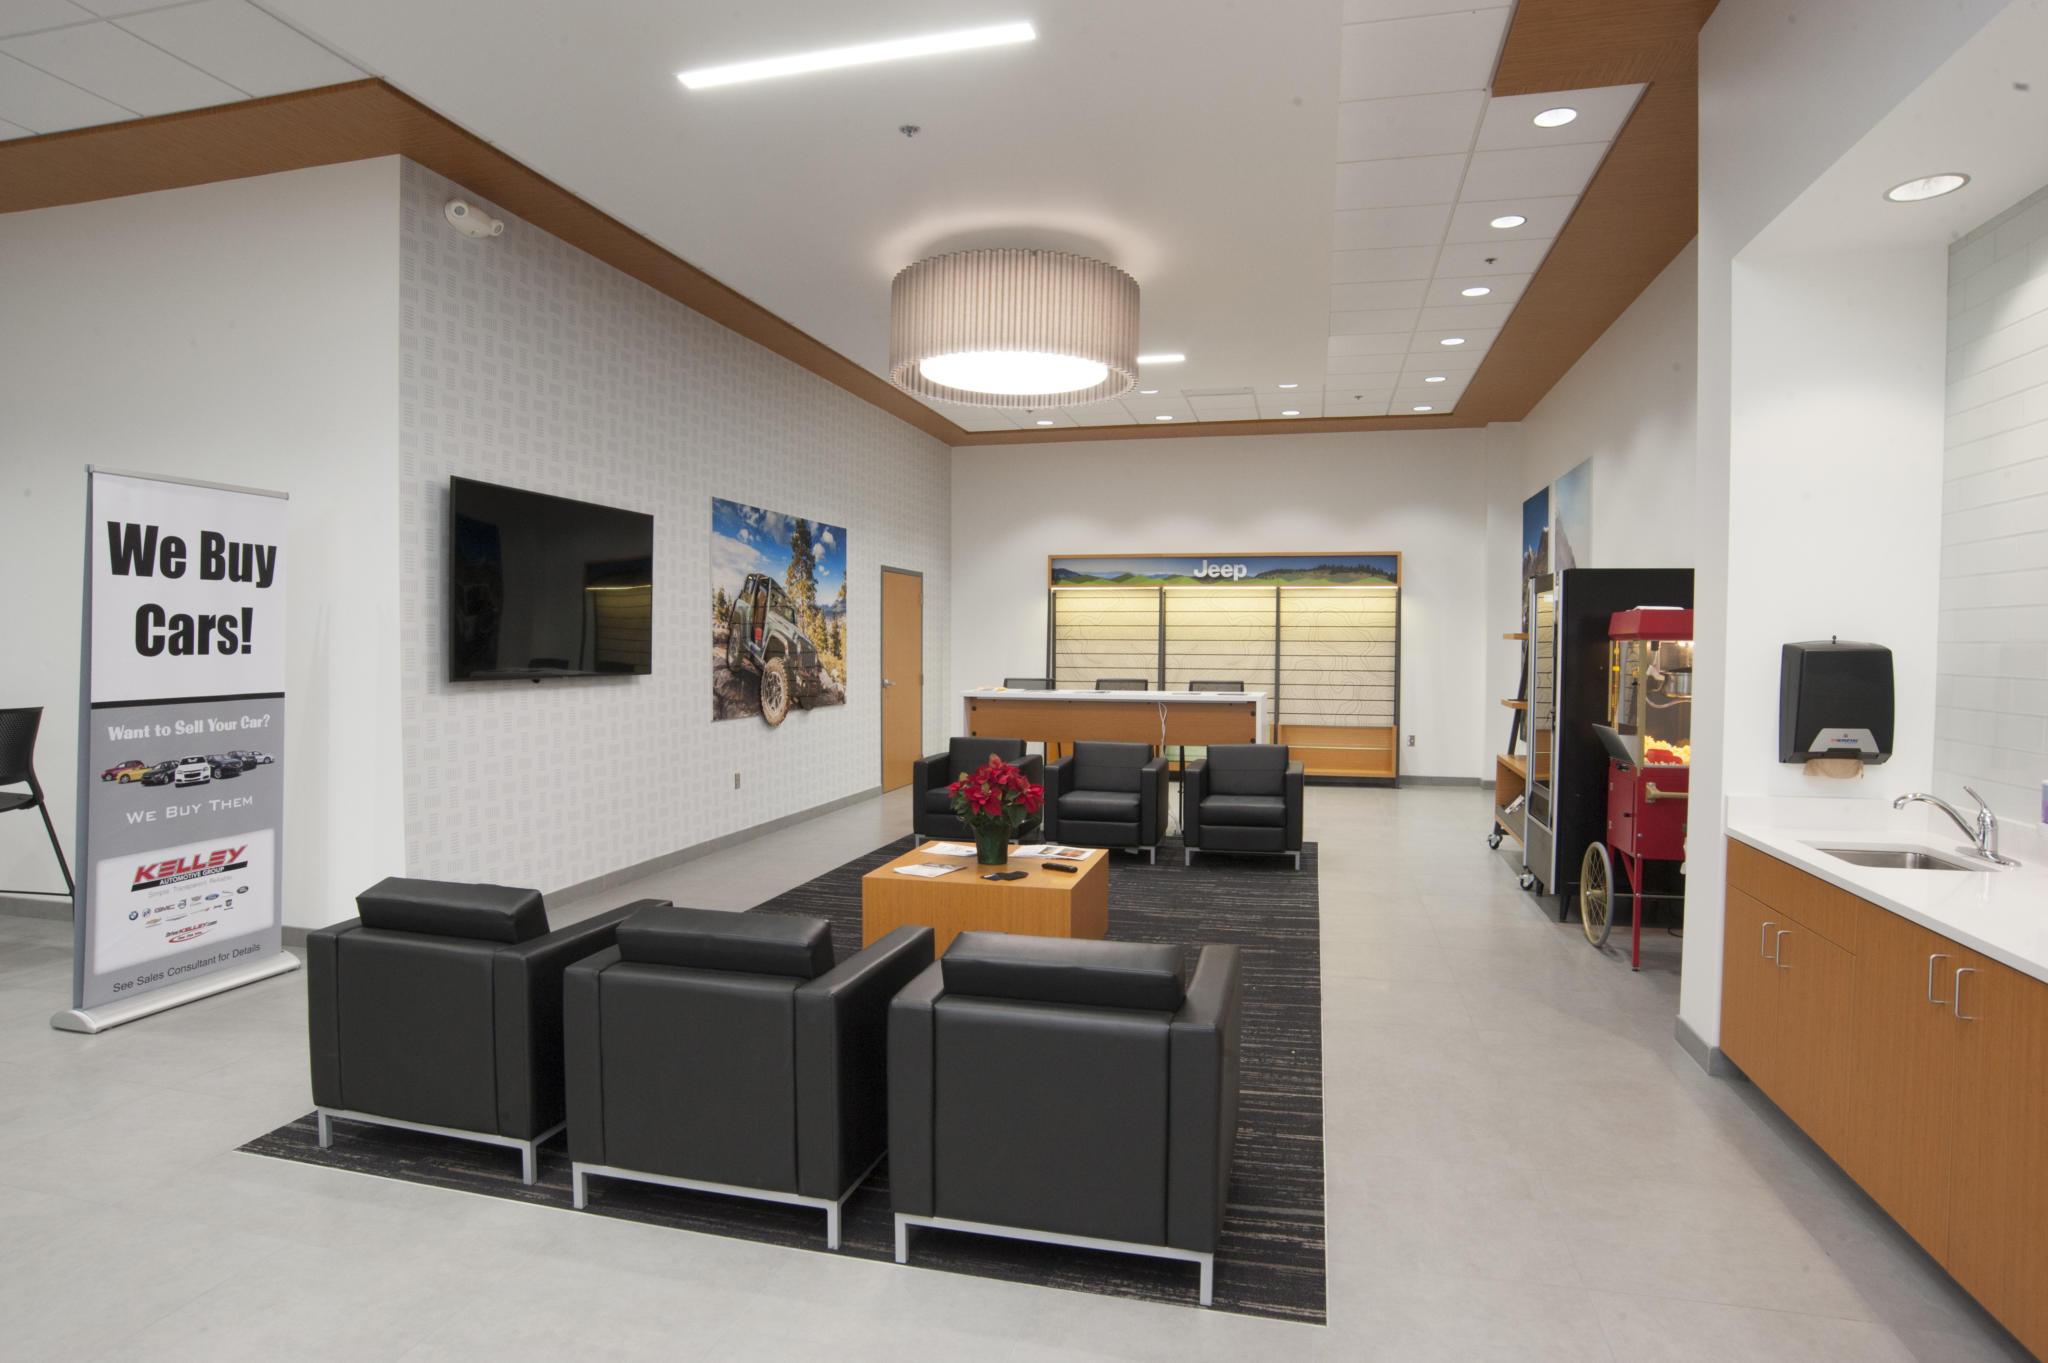 image of waiting room inside car dealership